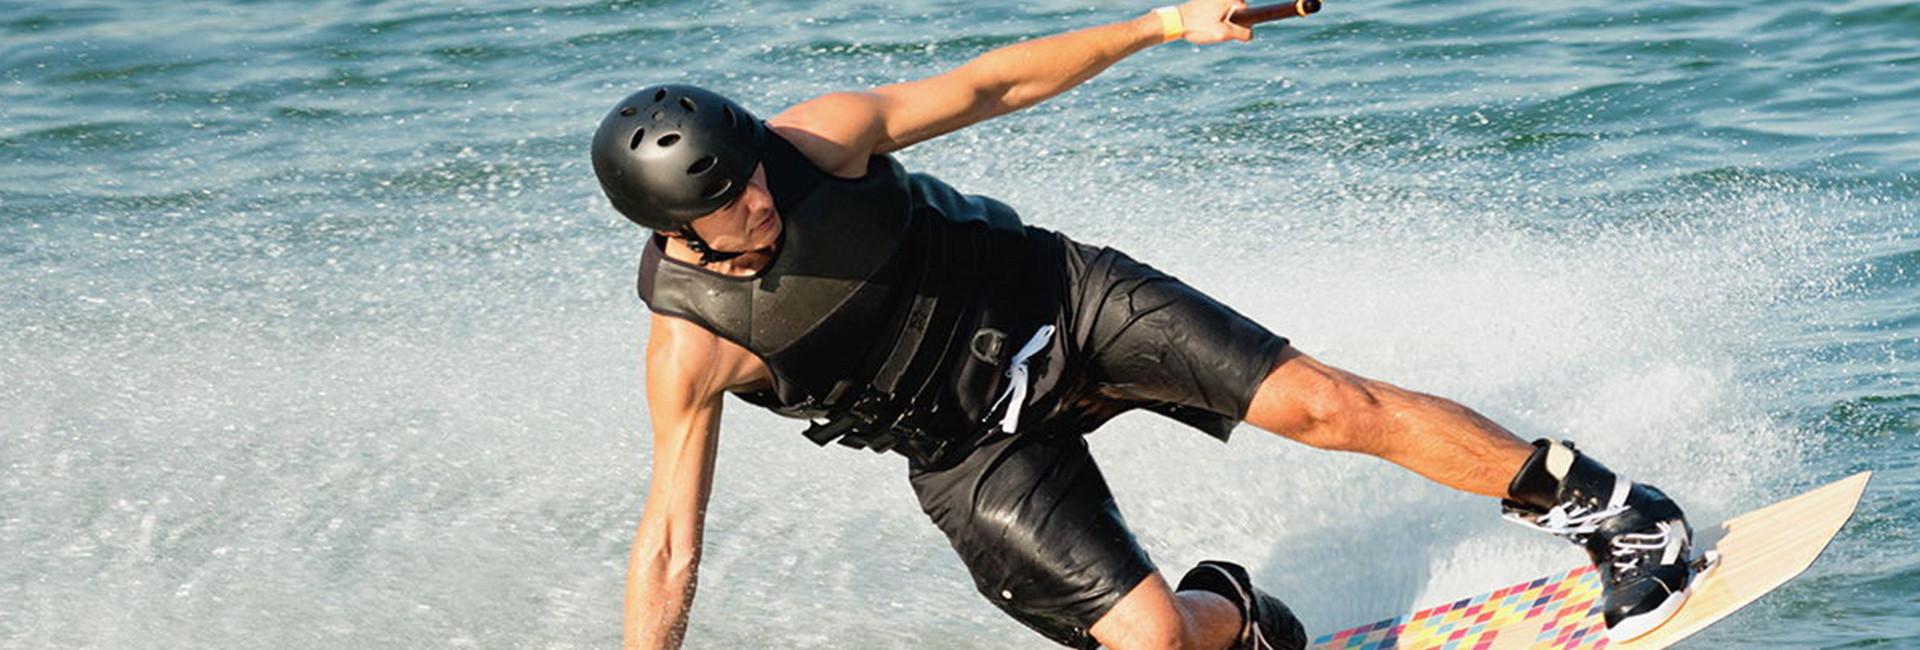 Dude wakeboarding